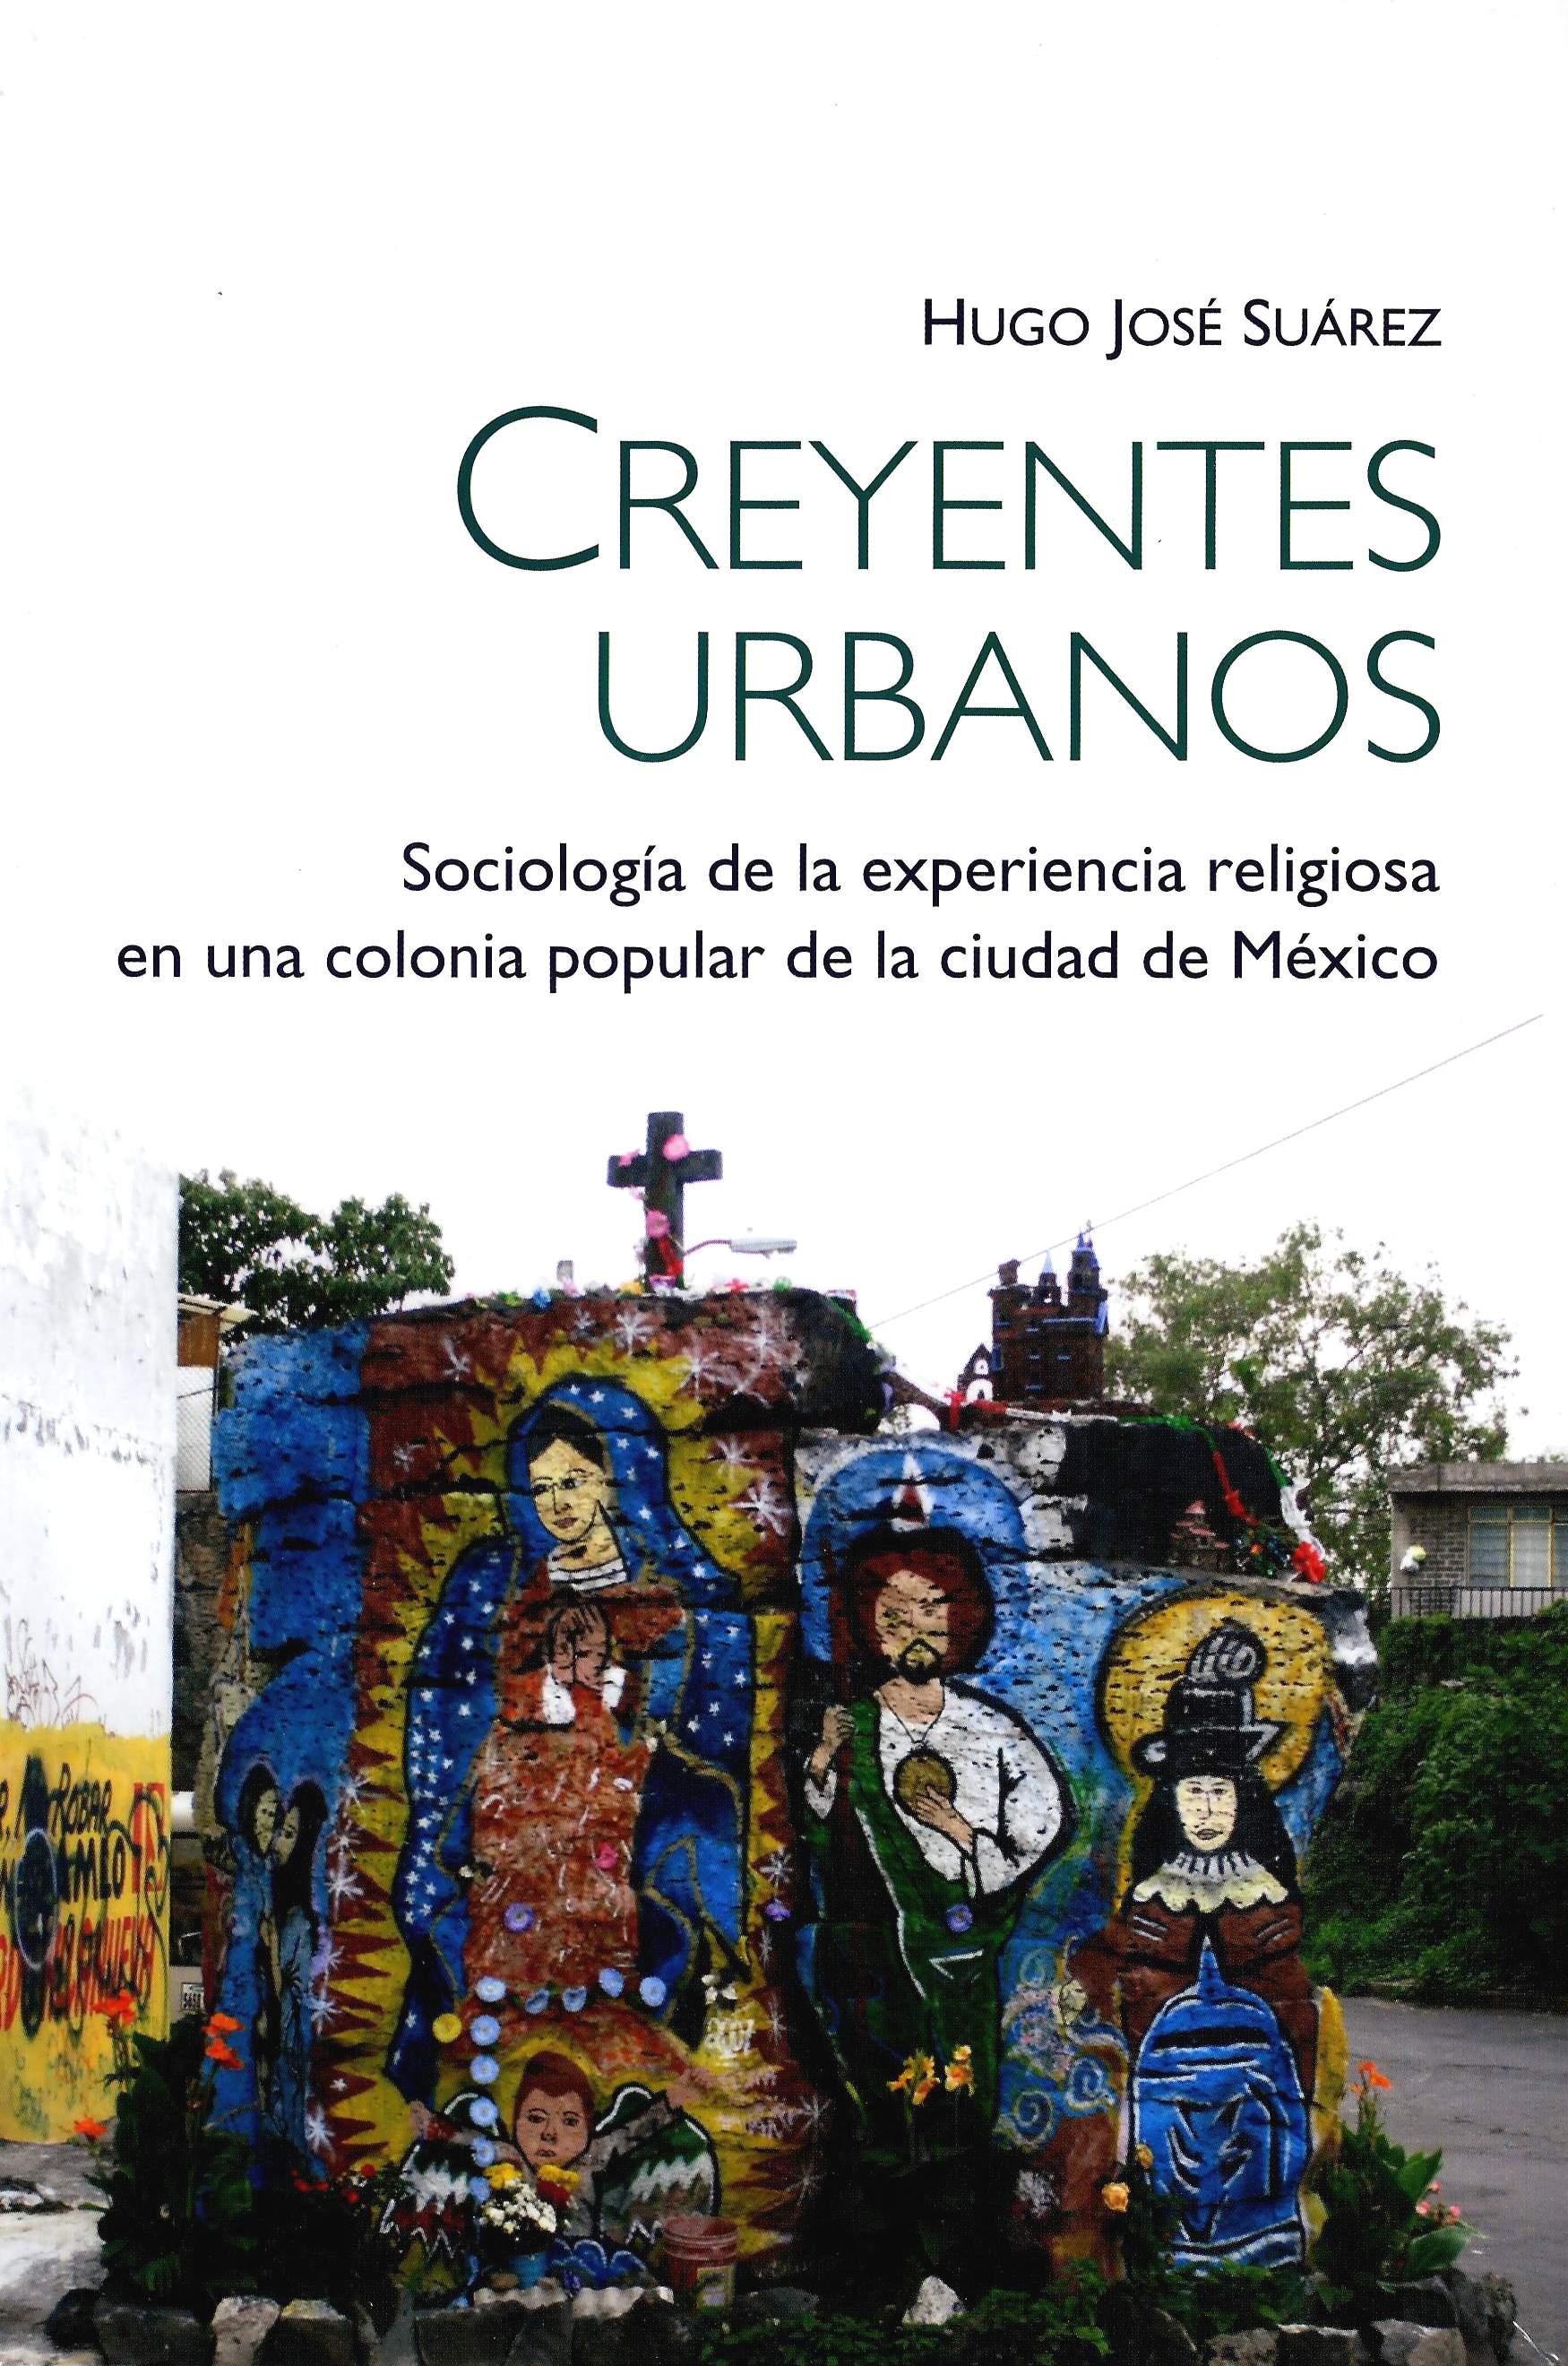 Creyentes urbanos: sociología de la experiencia en una colonia popular de la Ciudad de México